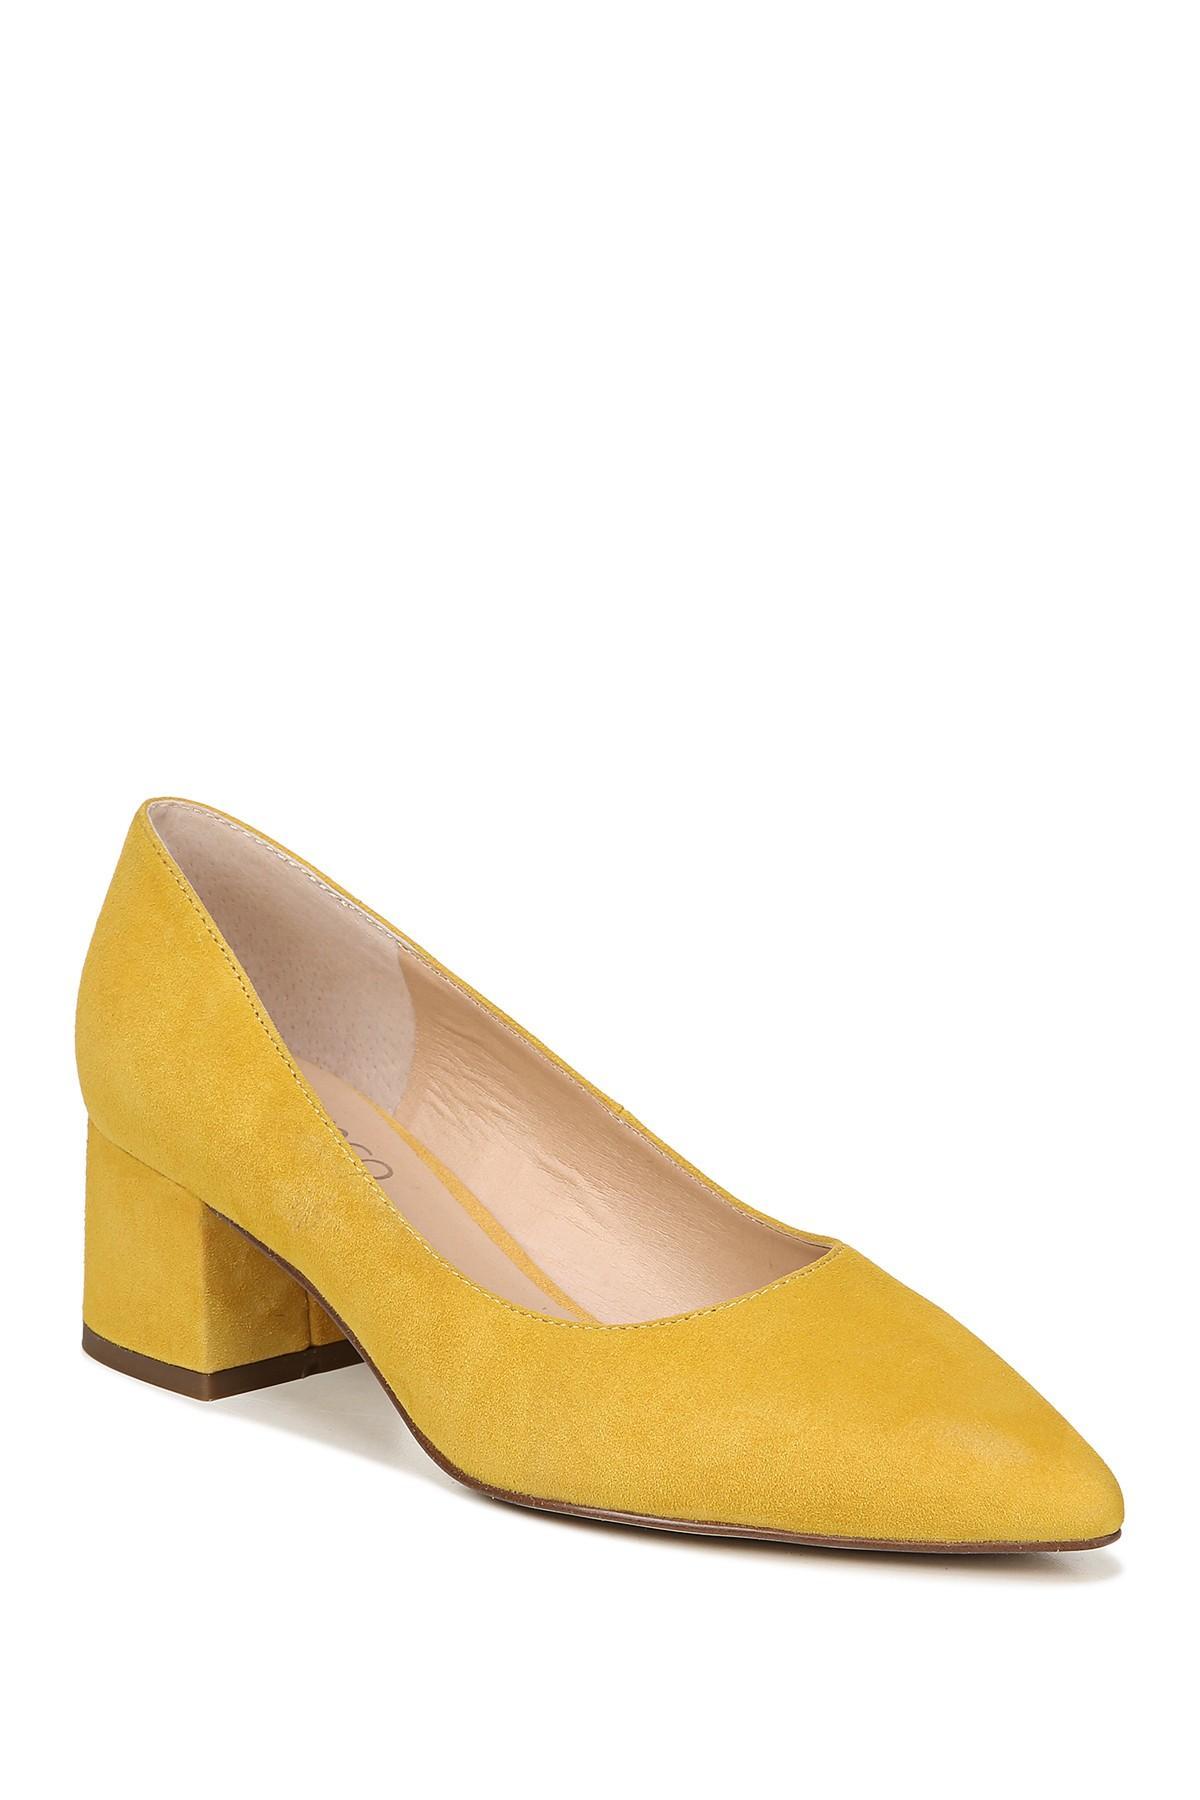 b7f1bfe9246 Franco Sarto. Women s Callan Suede Block Heel Pump